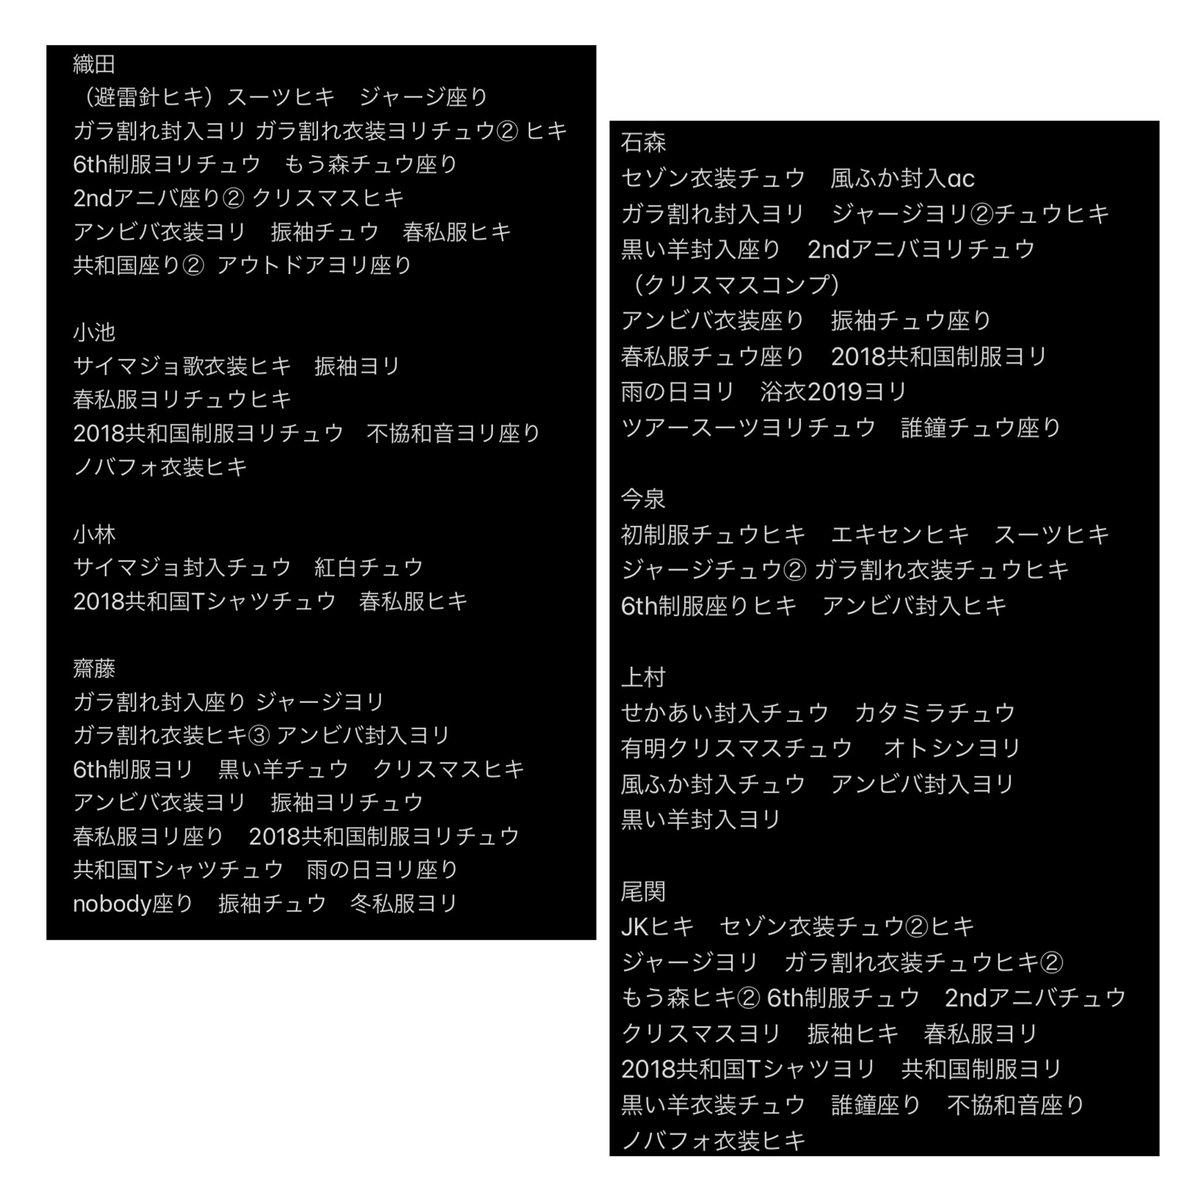 test ツイッターメディア - 櫻坂46 欅坂46 生写真 トレ  提供 画像  希望 画像4のピンク枠 上村莉菜 渡邉理佐 強メンは上村未所持込みのトレ またはりさでお願いします。  リプ欄の画像も読んでいただきたいです。 https://t.co/smX1VArK1q